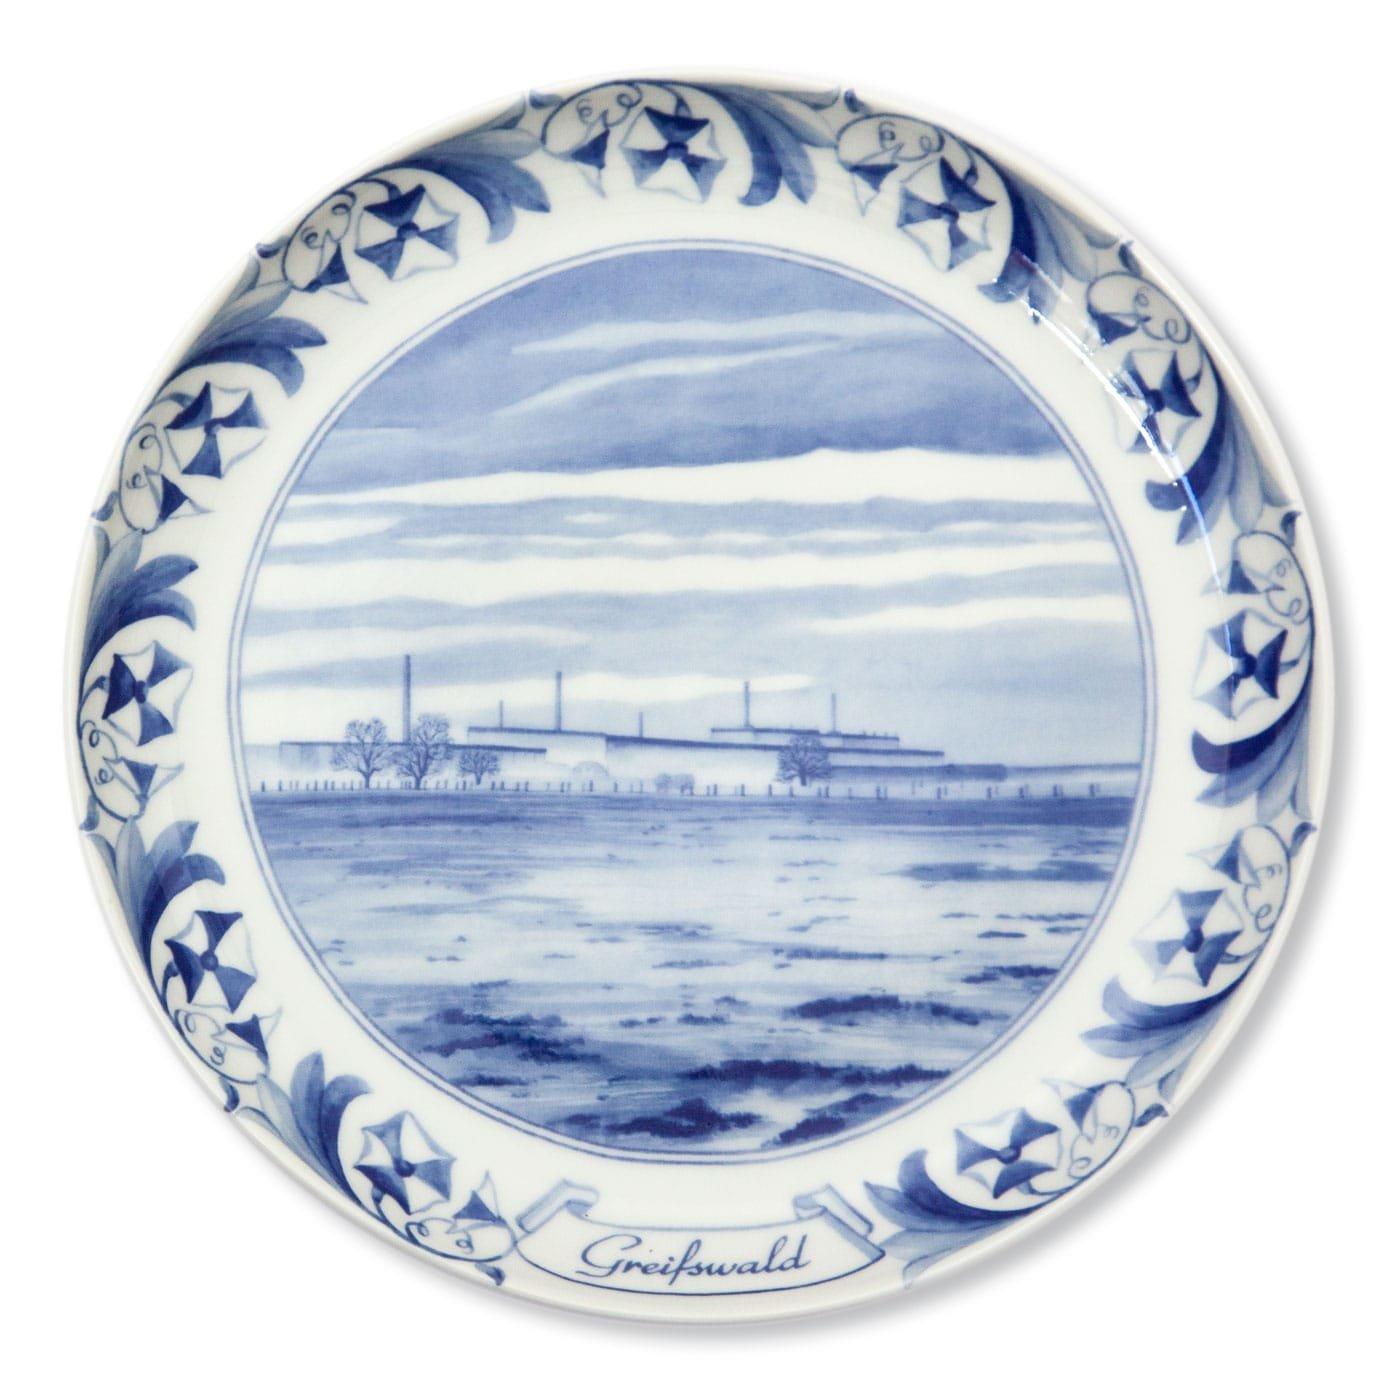 porcelain-nuclear-reactors-plates-greifswald